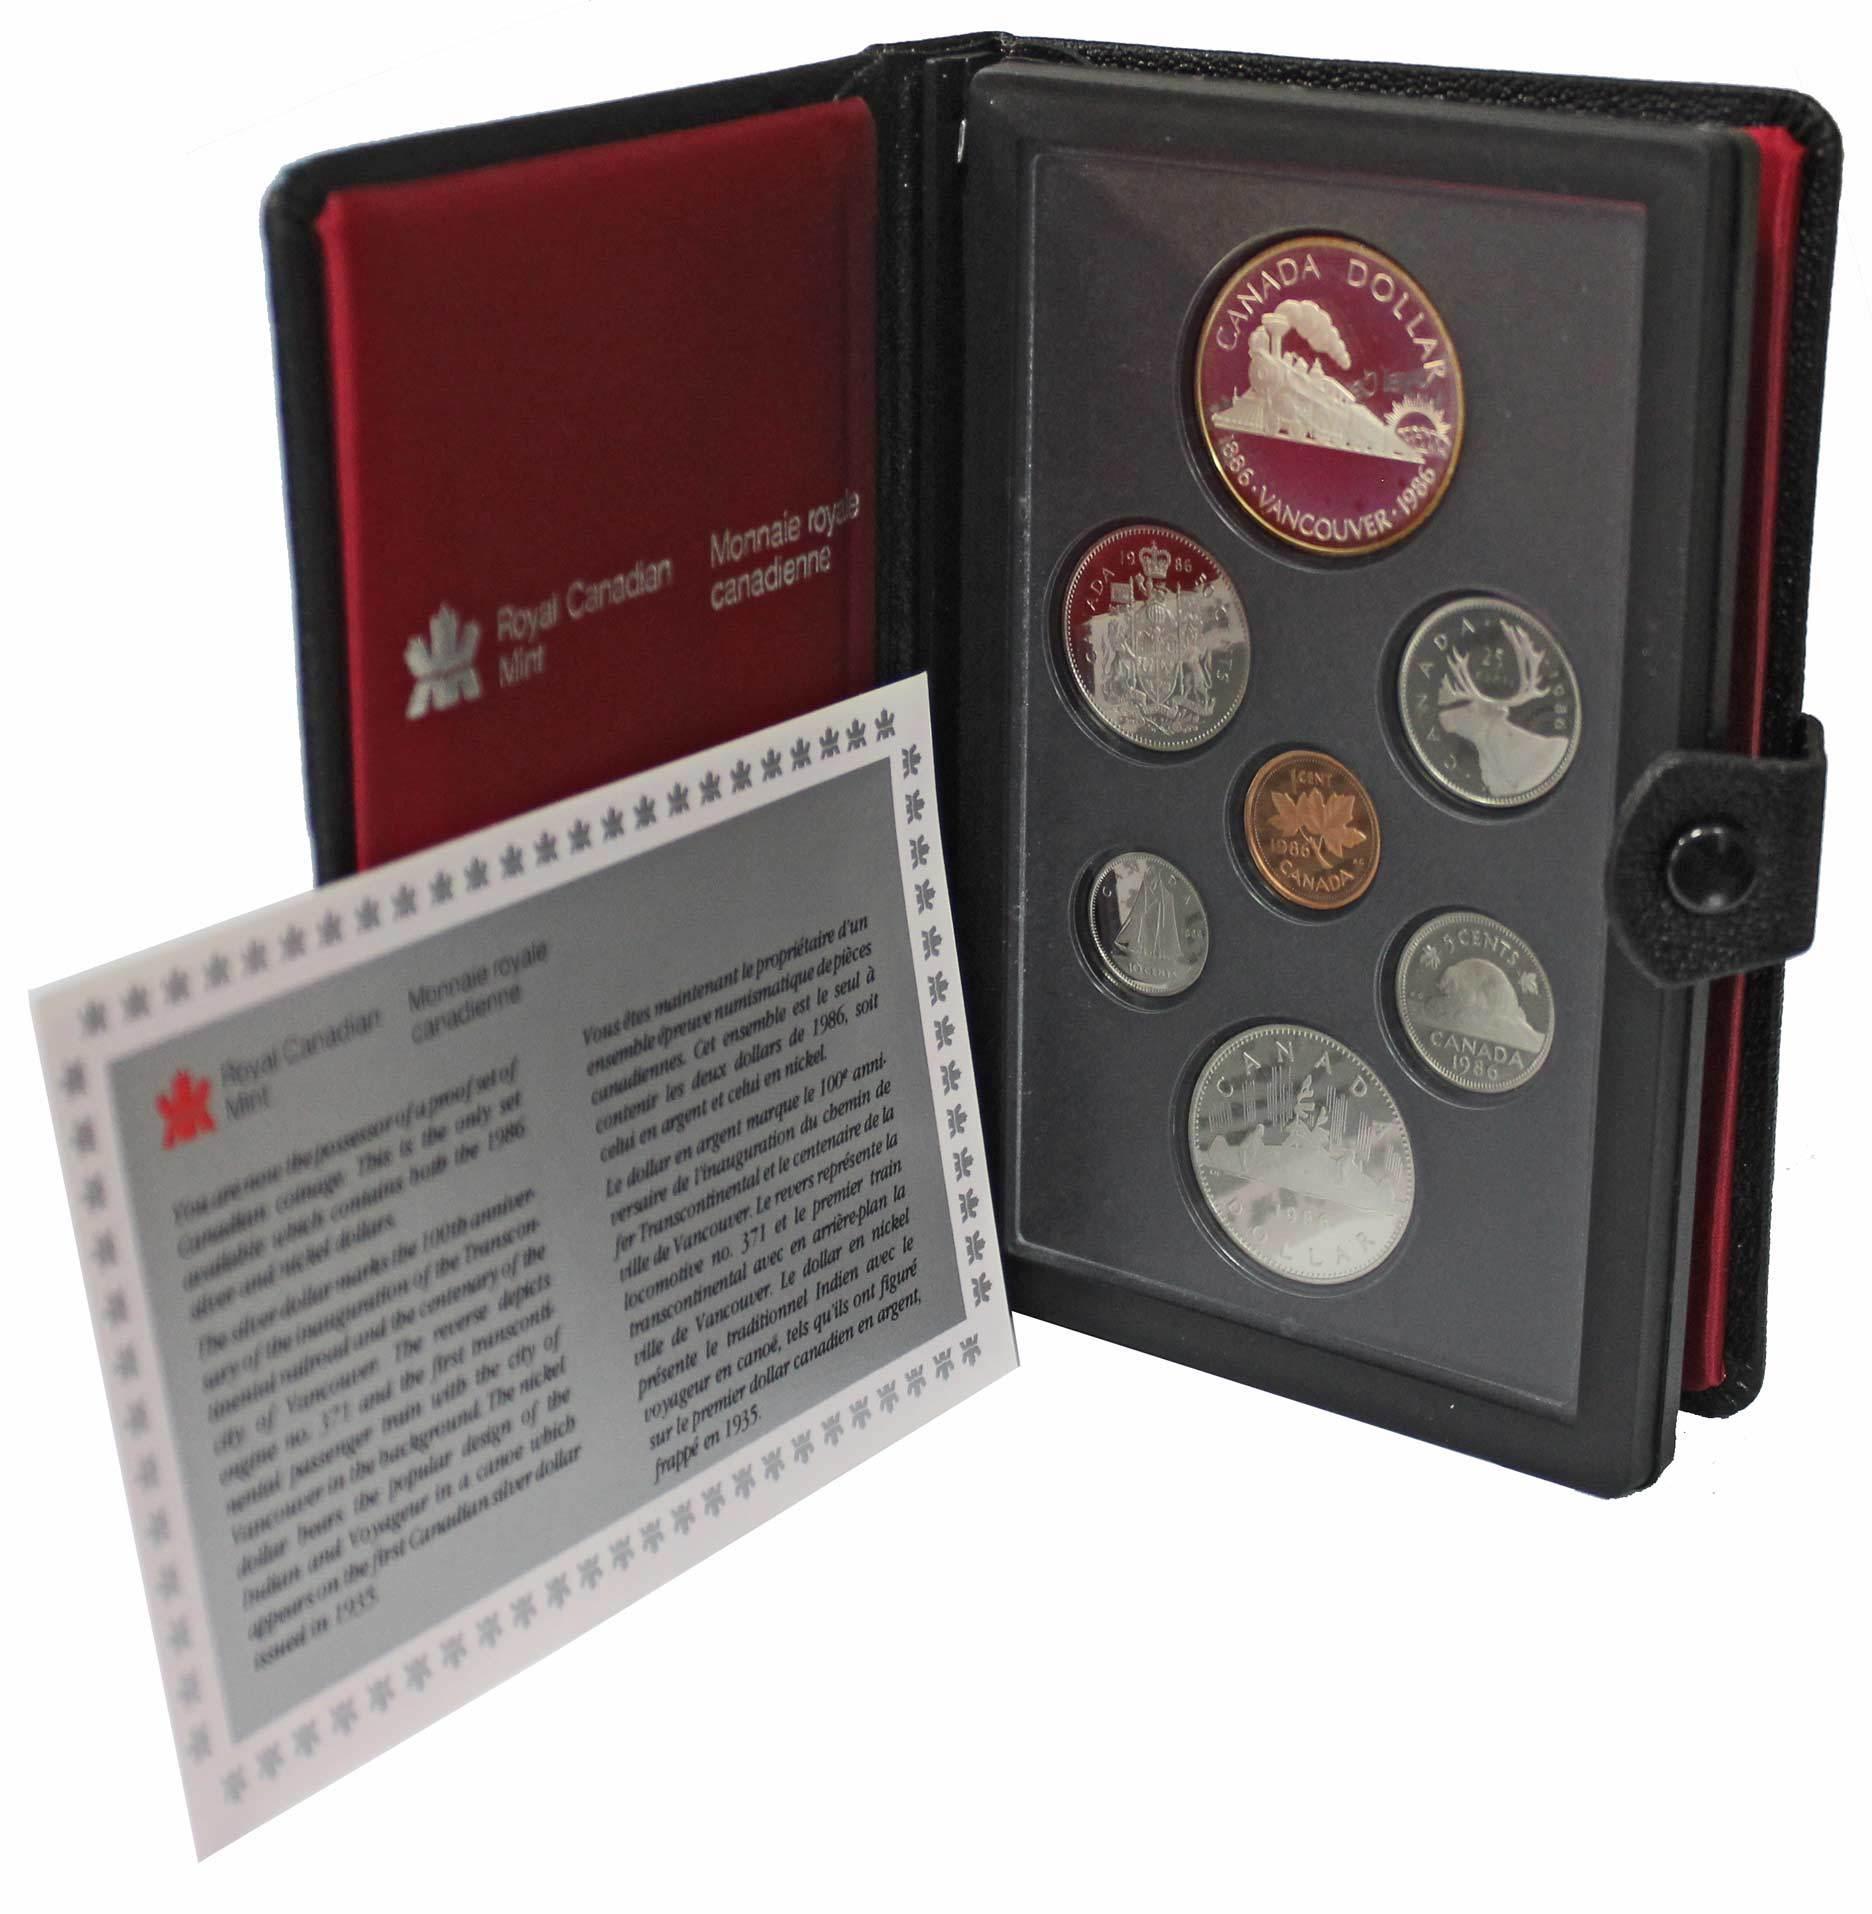 Набор монет Канады 1986 год, в кожаном футляре (Серебро, никель, бронза). PROOF